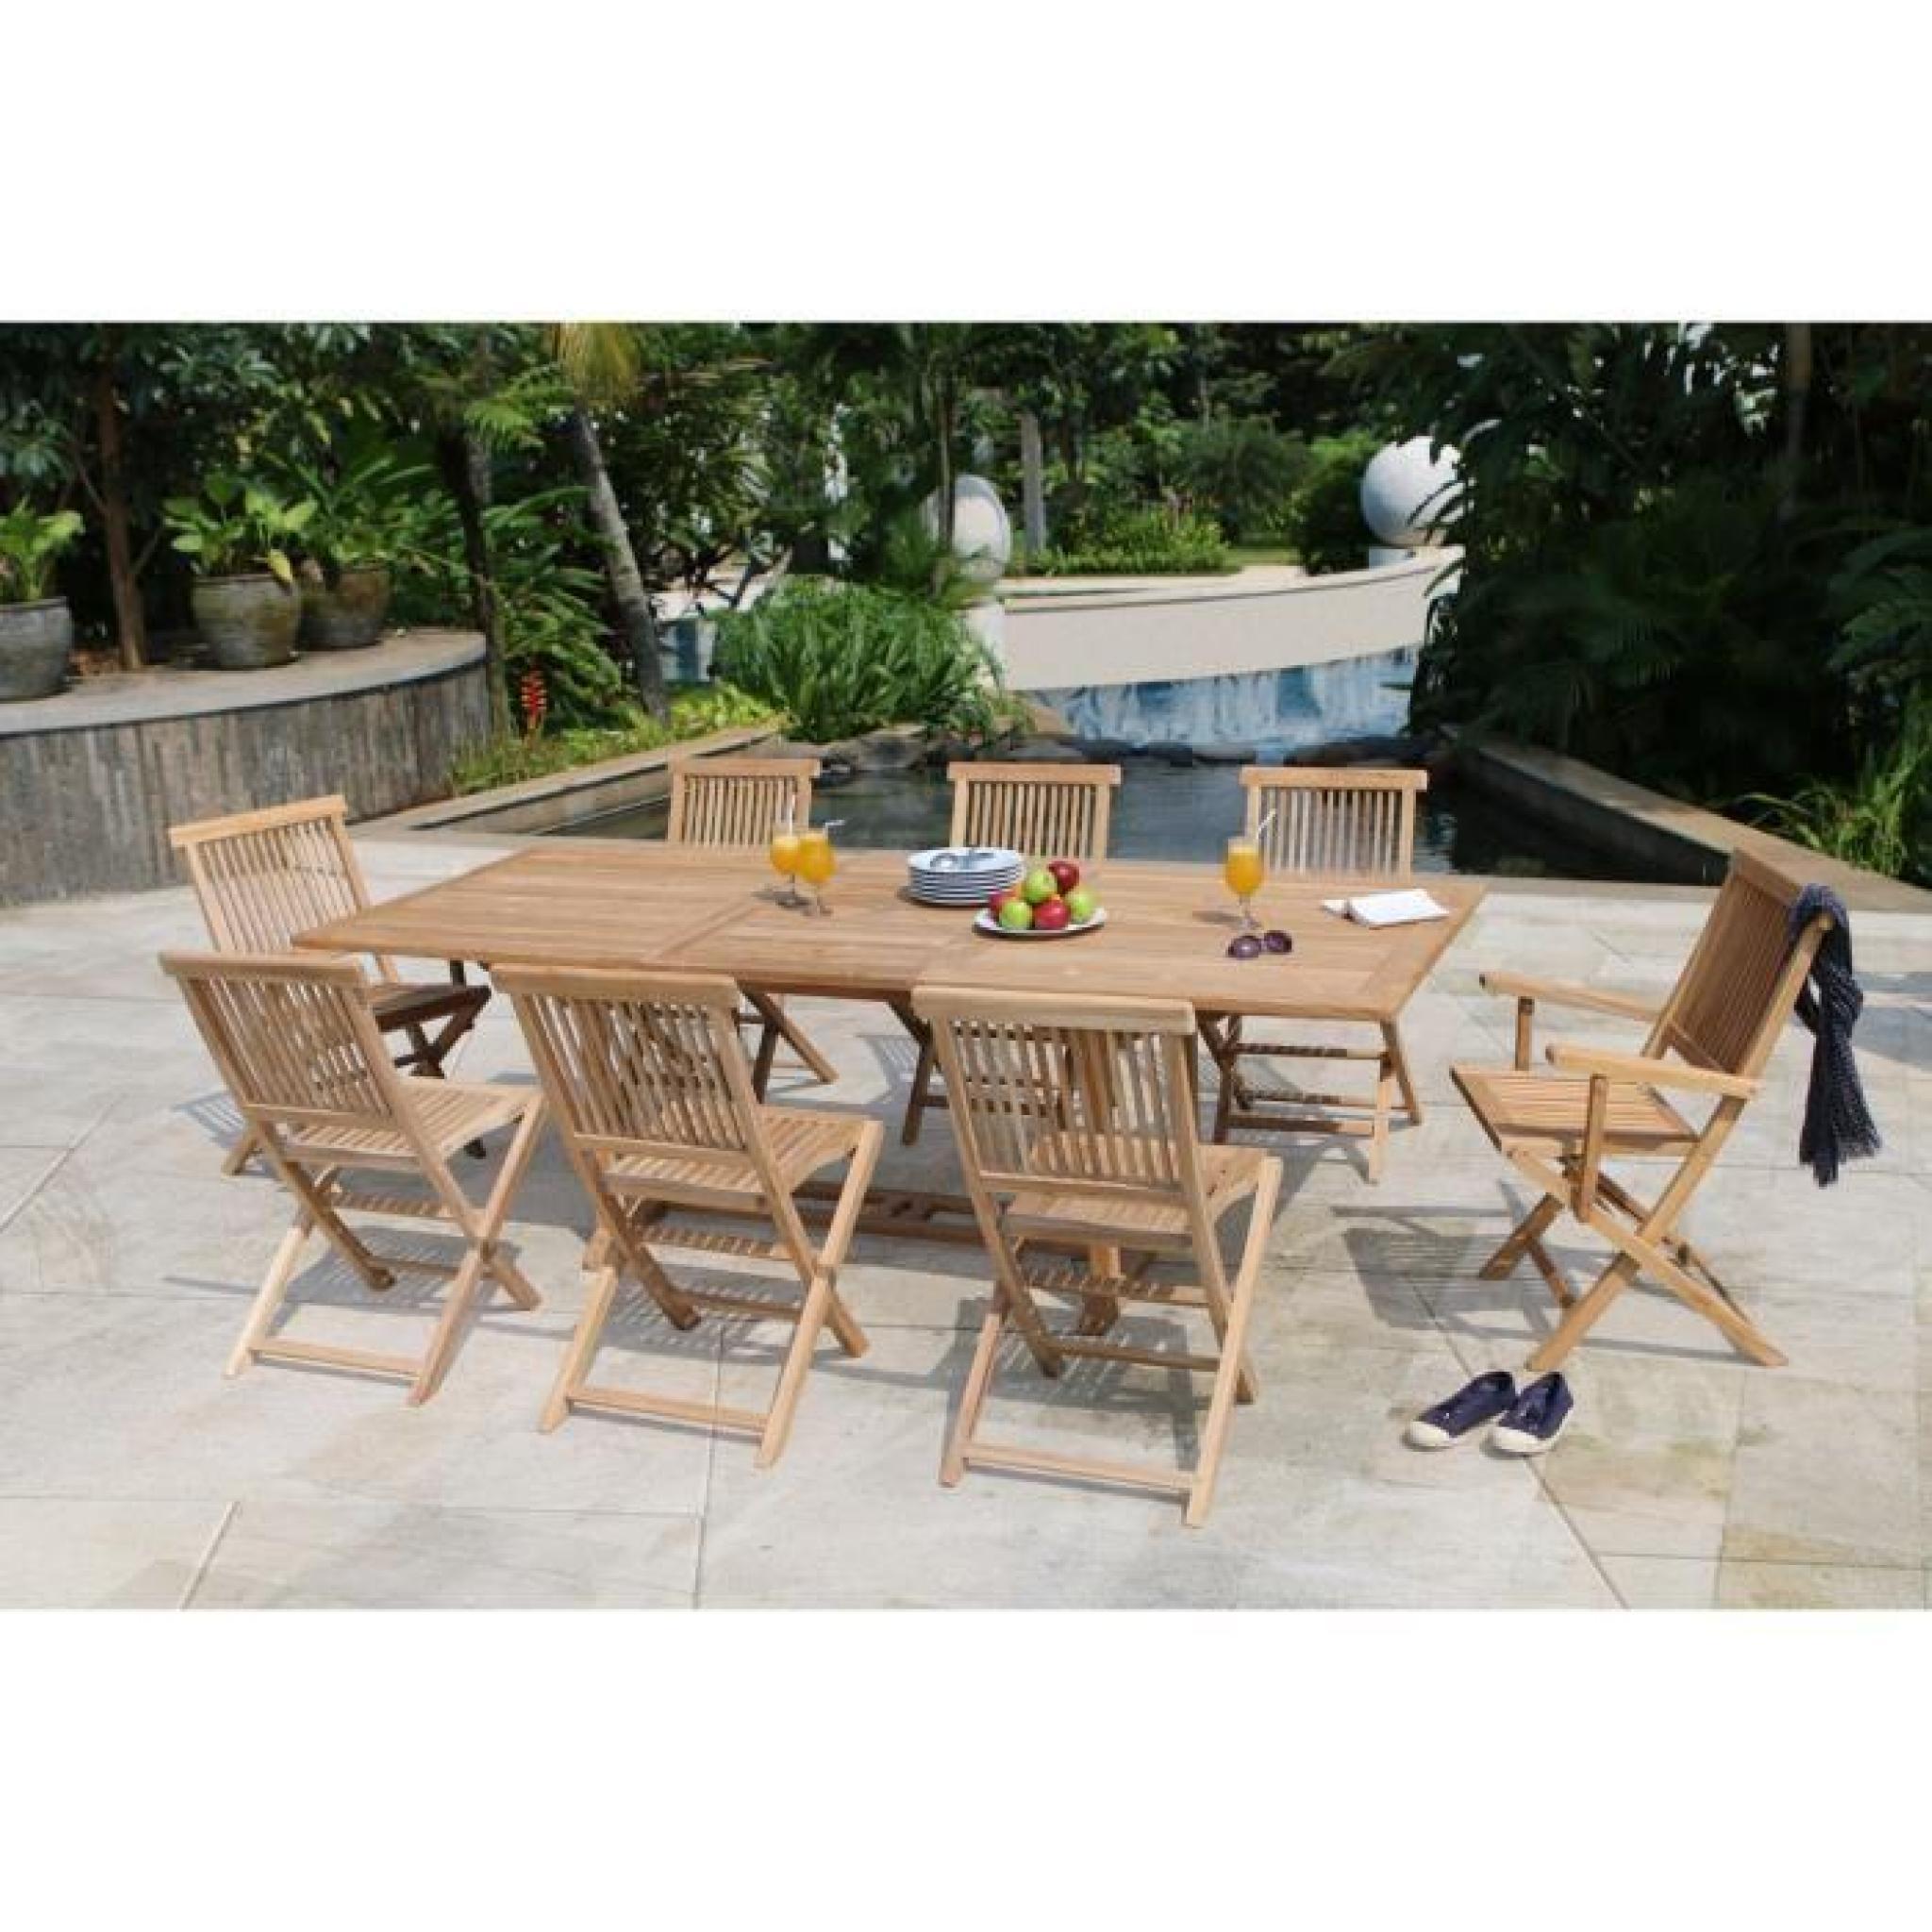 ARTIGUES Ensemble de jardin en bois teck massif 6 places - Table ...